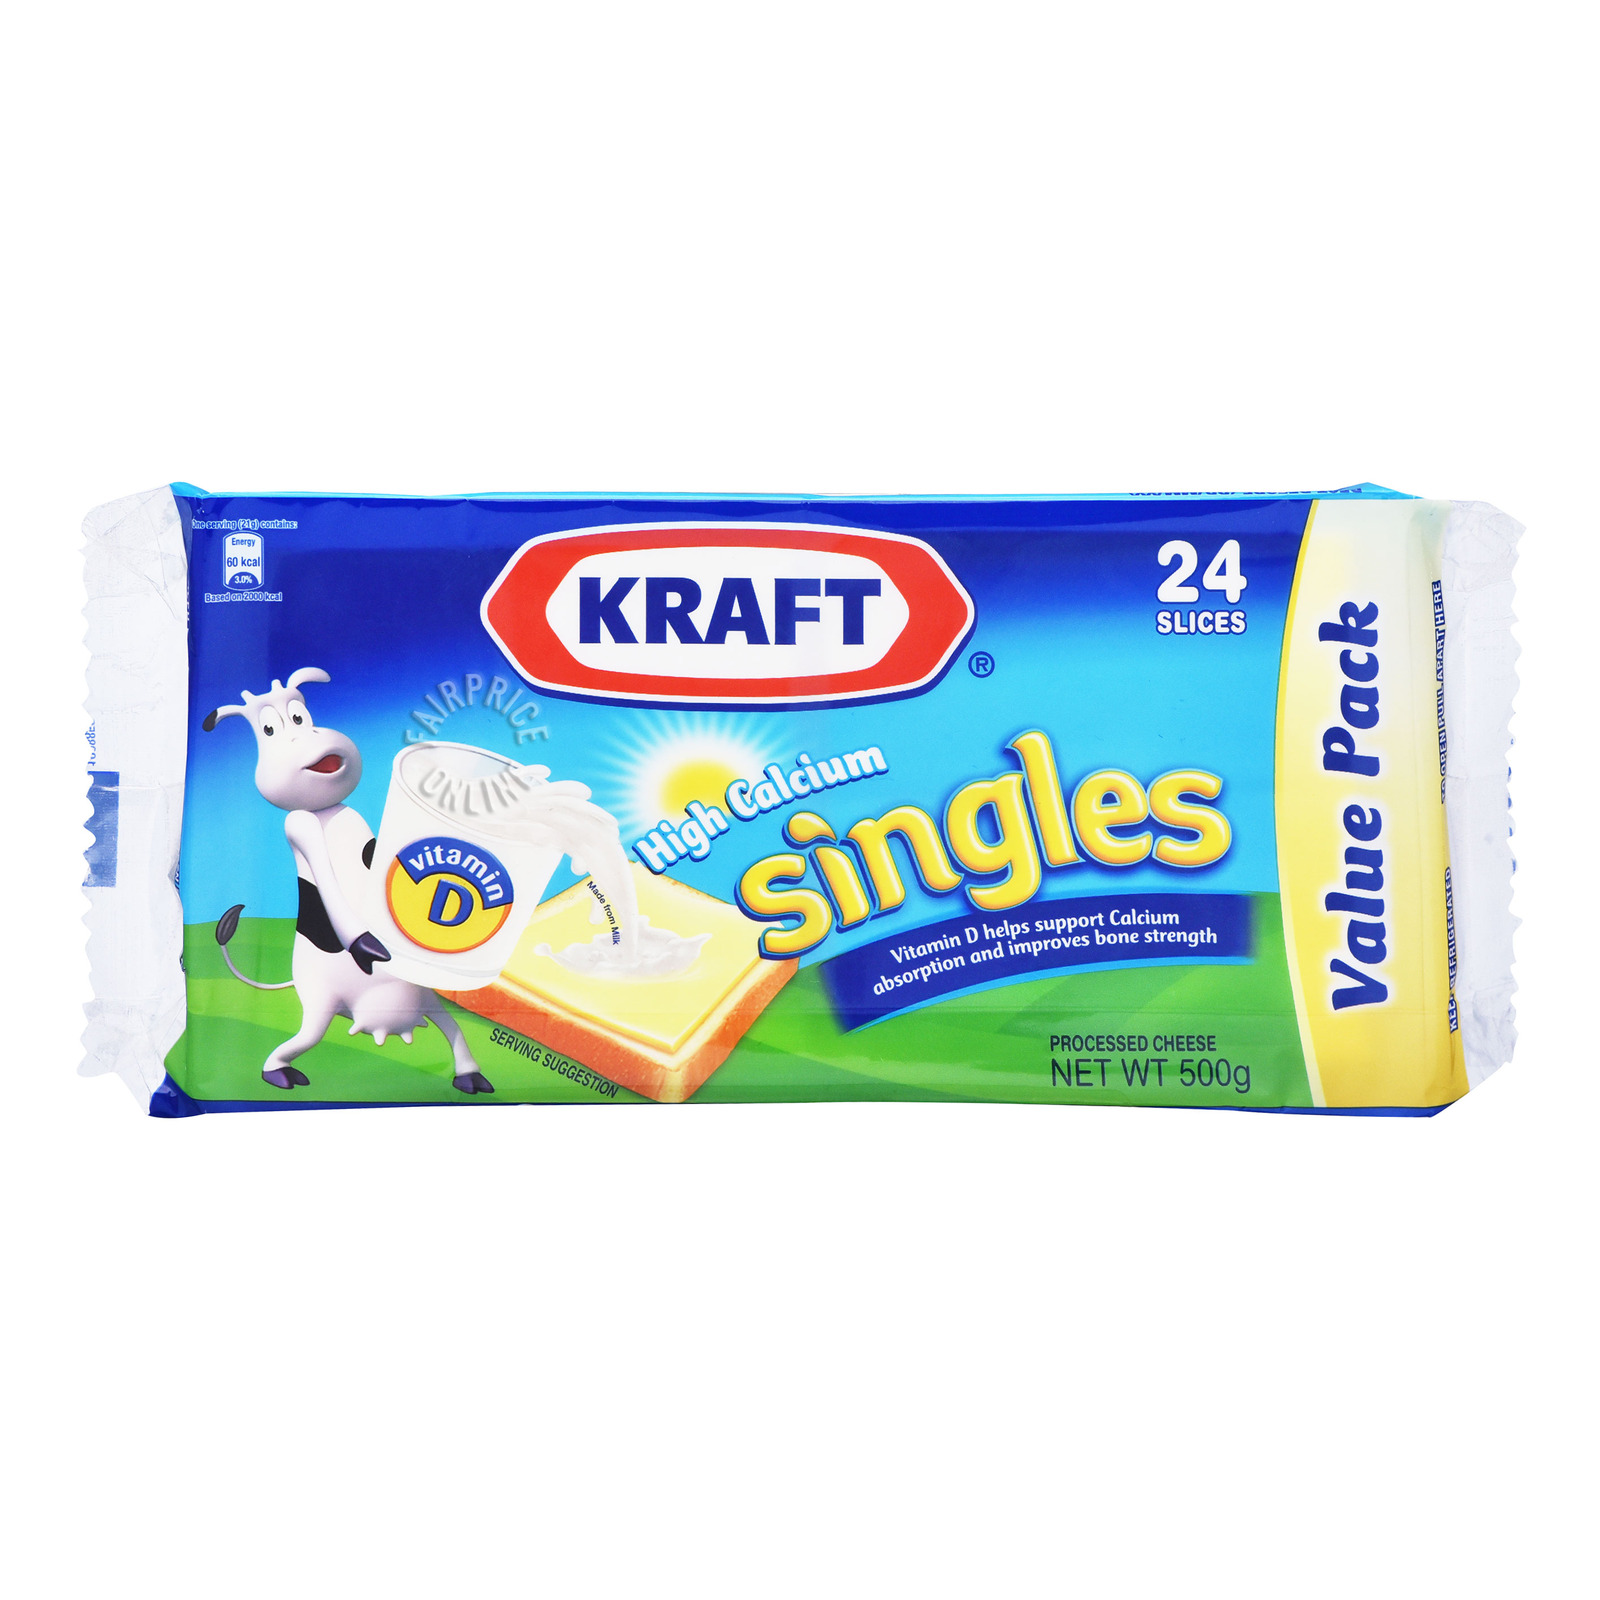 Kraft Hi-Calcium Singles Cheese